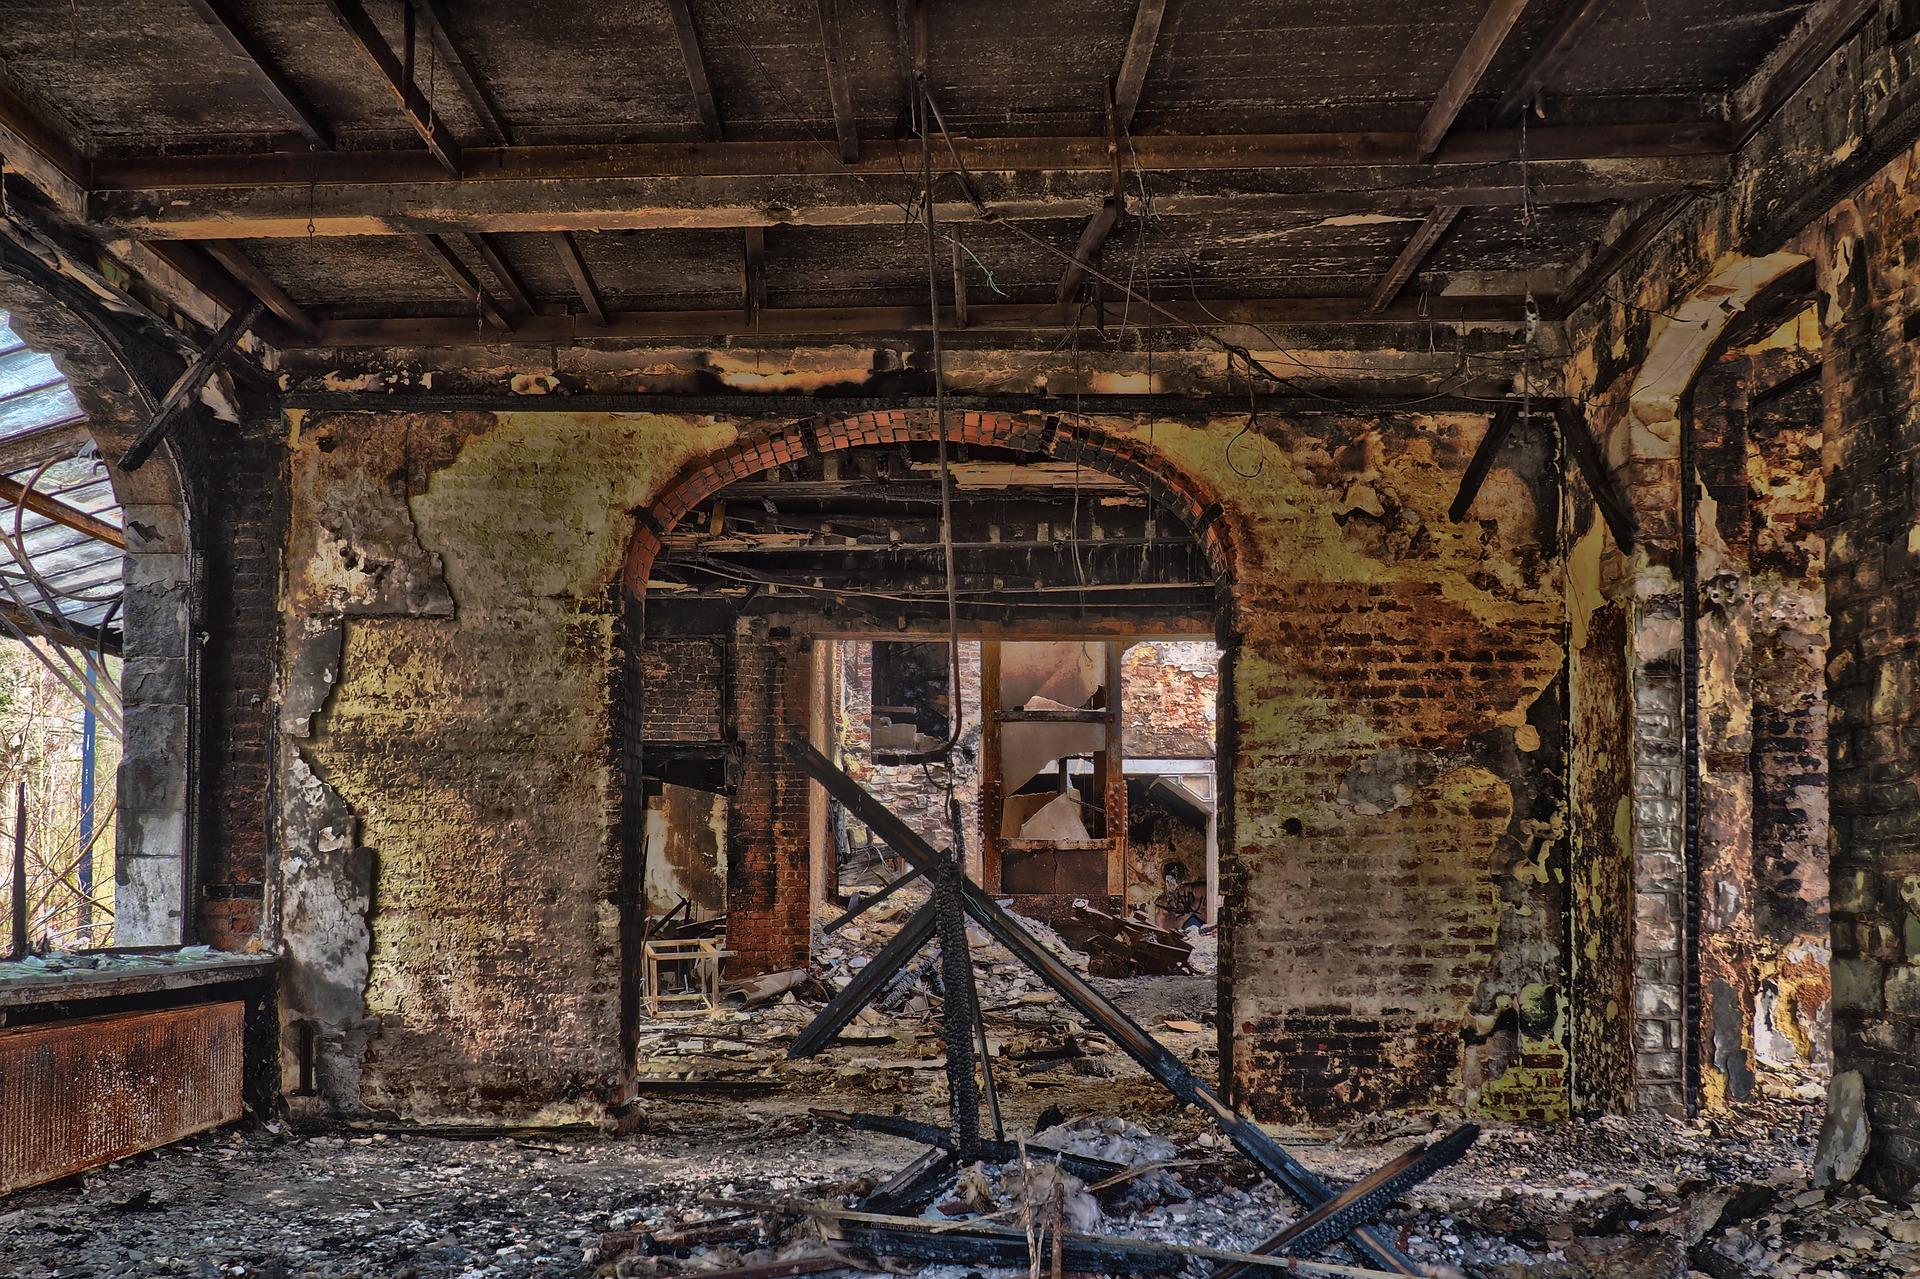 Materiales y clasificación al fuego según el uso - Drexmin